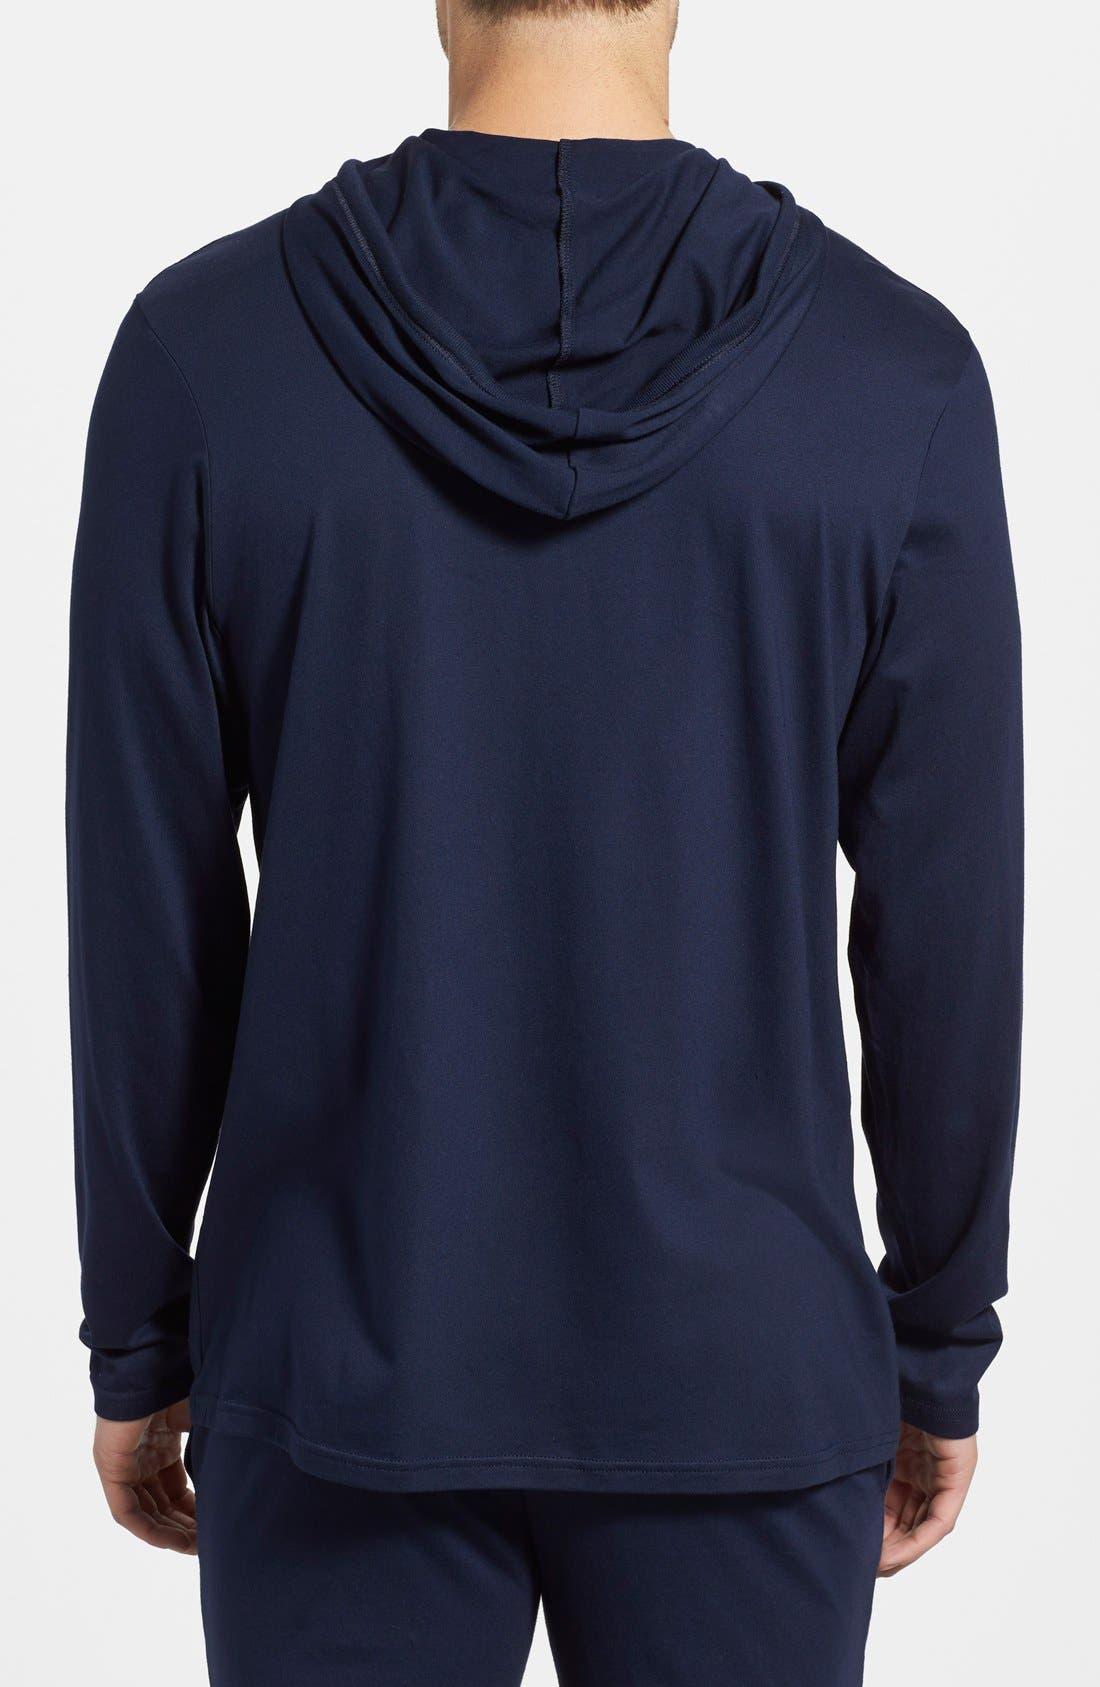 756cd261d4ff Men s Hoodies   Sweatshirts